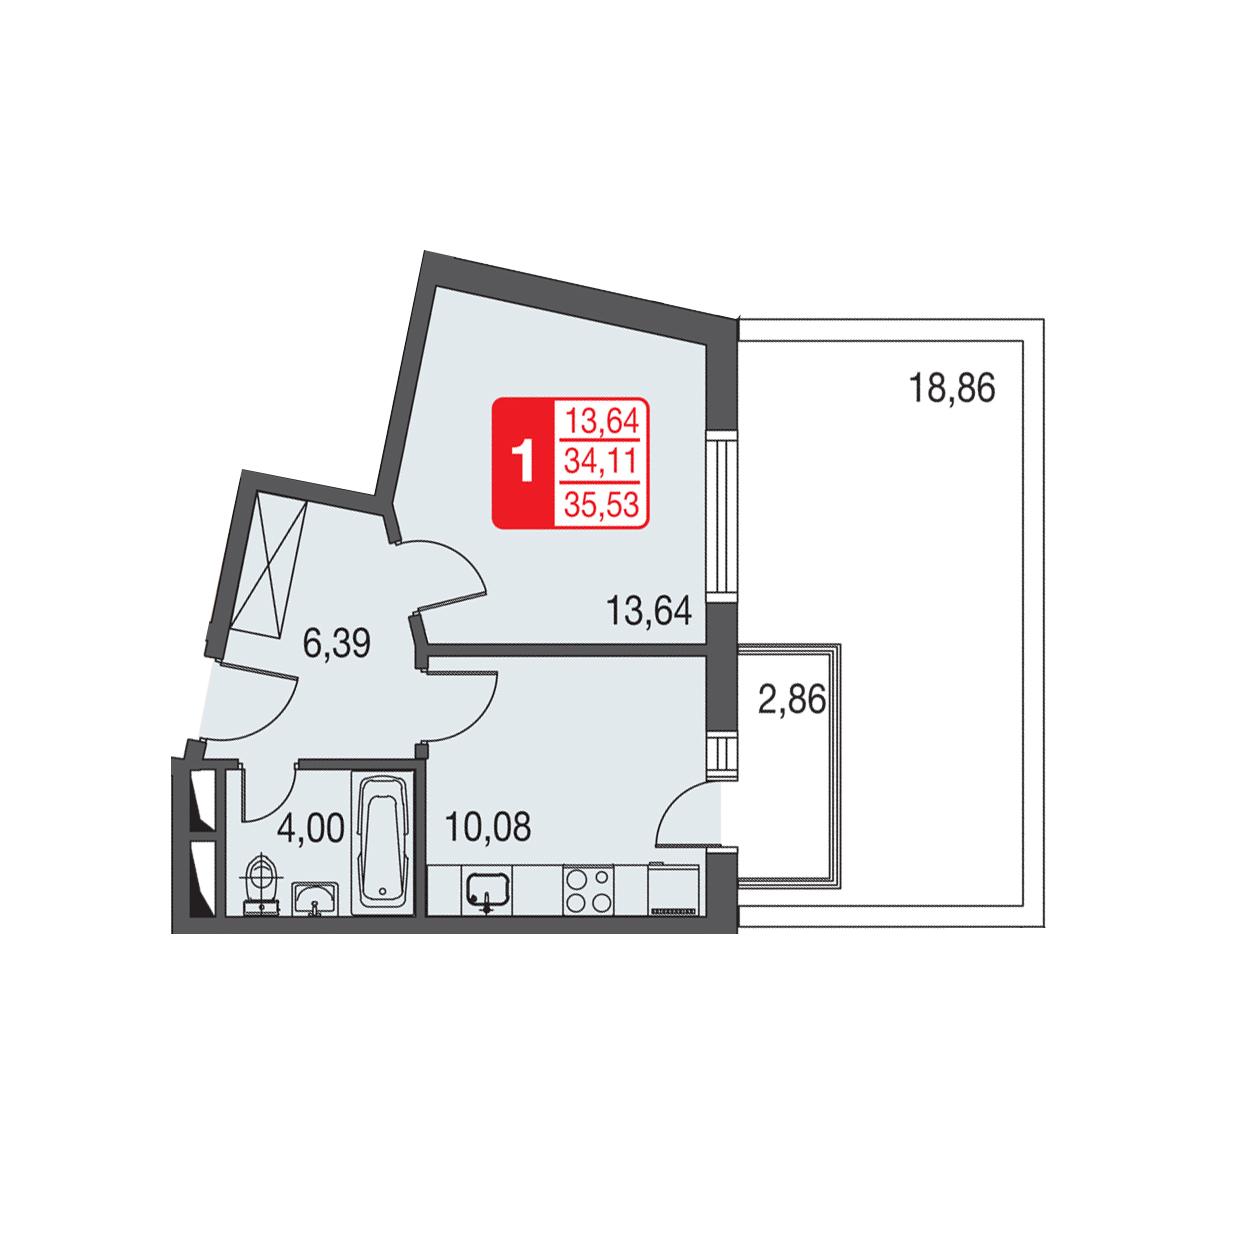 продажа квартир в москве от застройщика декларация рекламируемом сайте